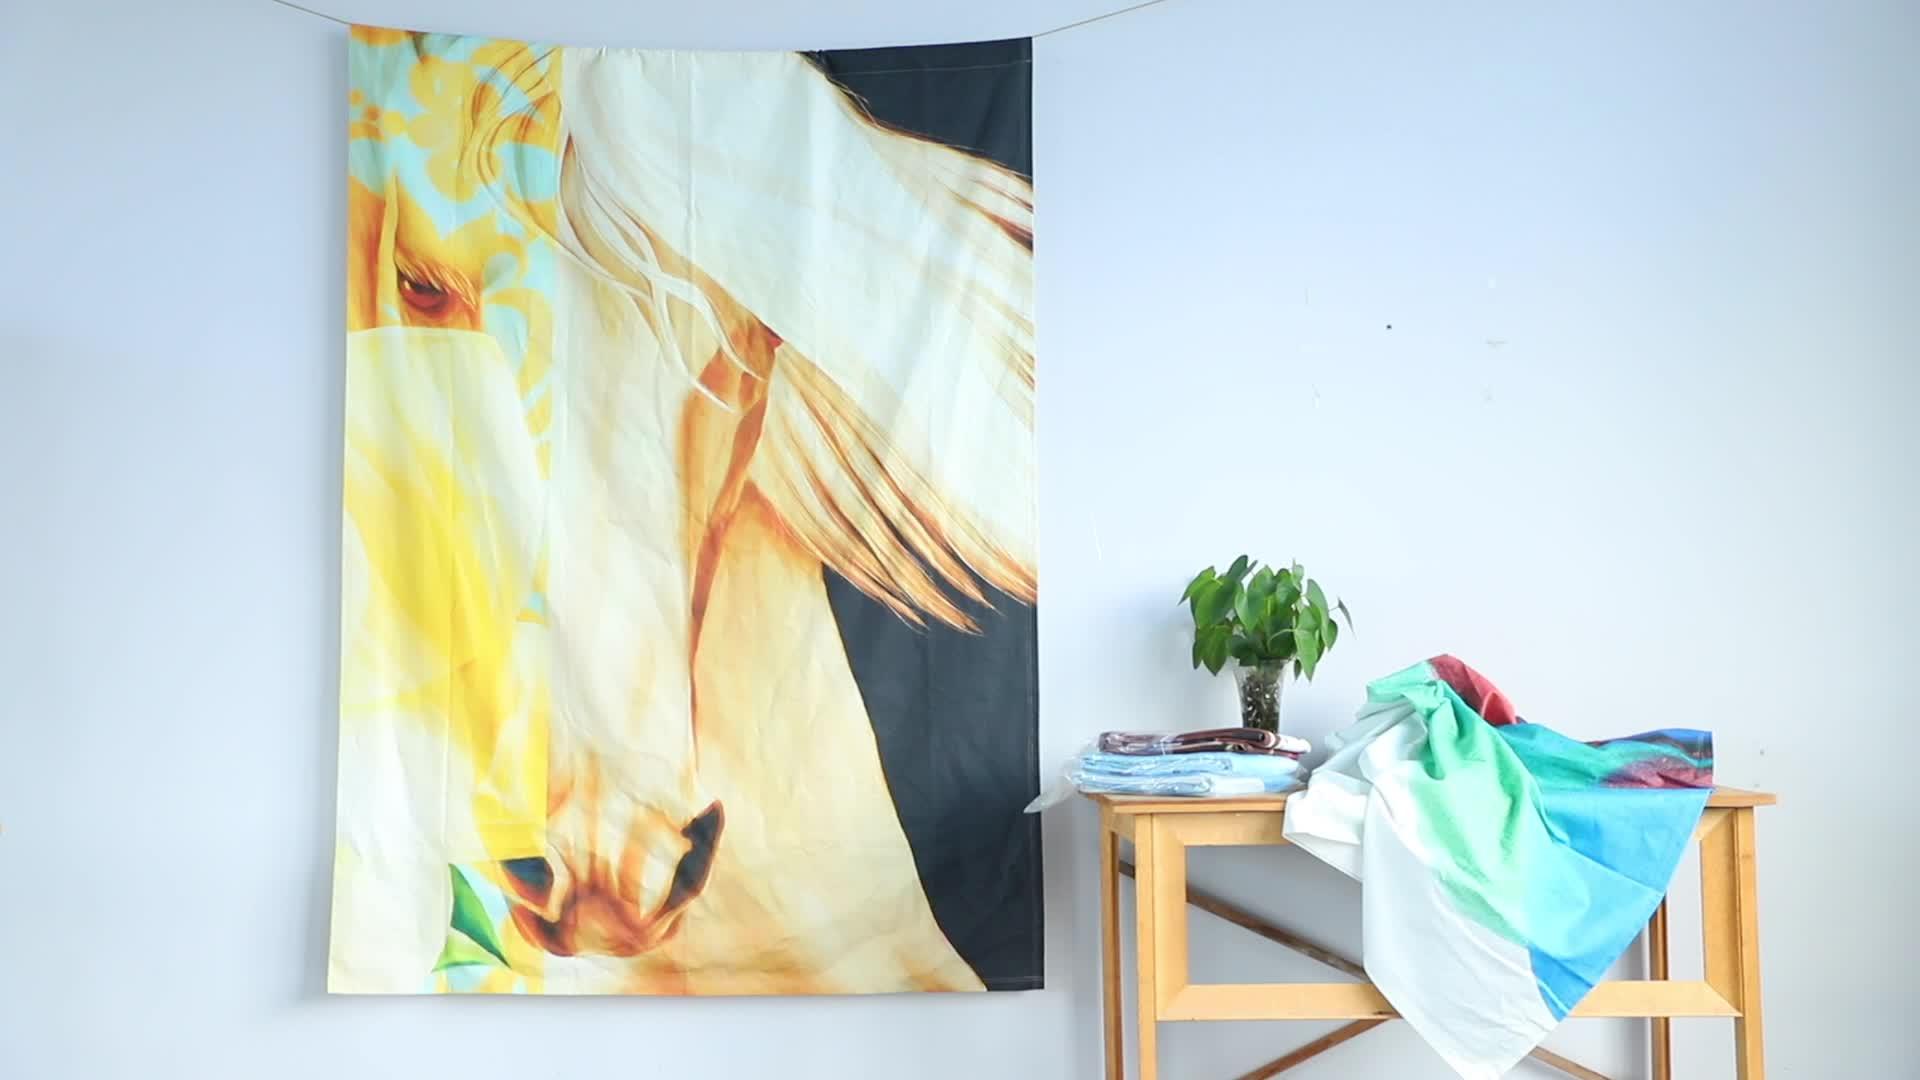 Décoration nordique maison sur mesure moderne pur coton tentures murales tapisserie